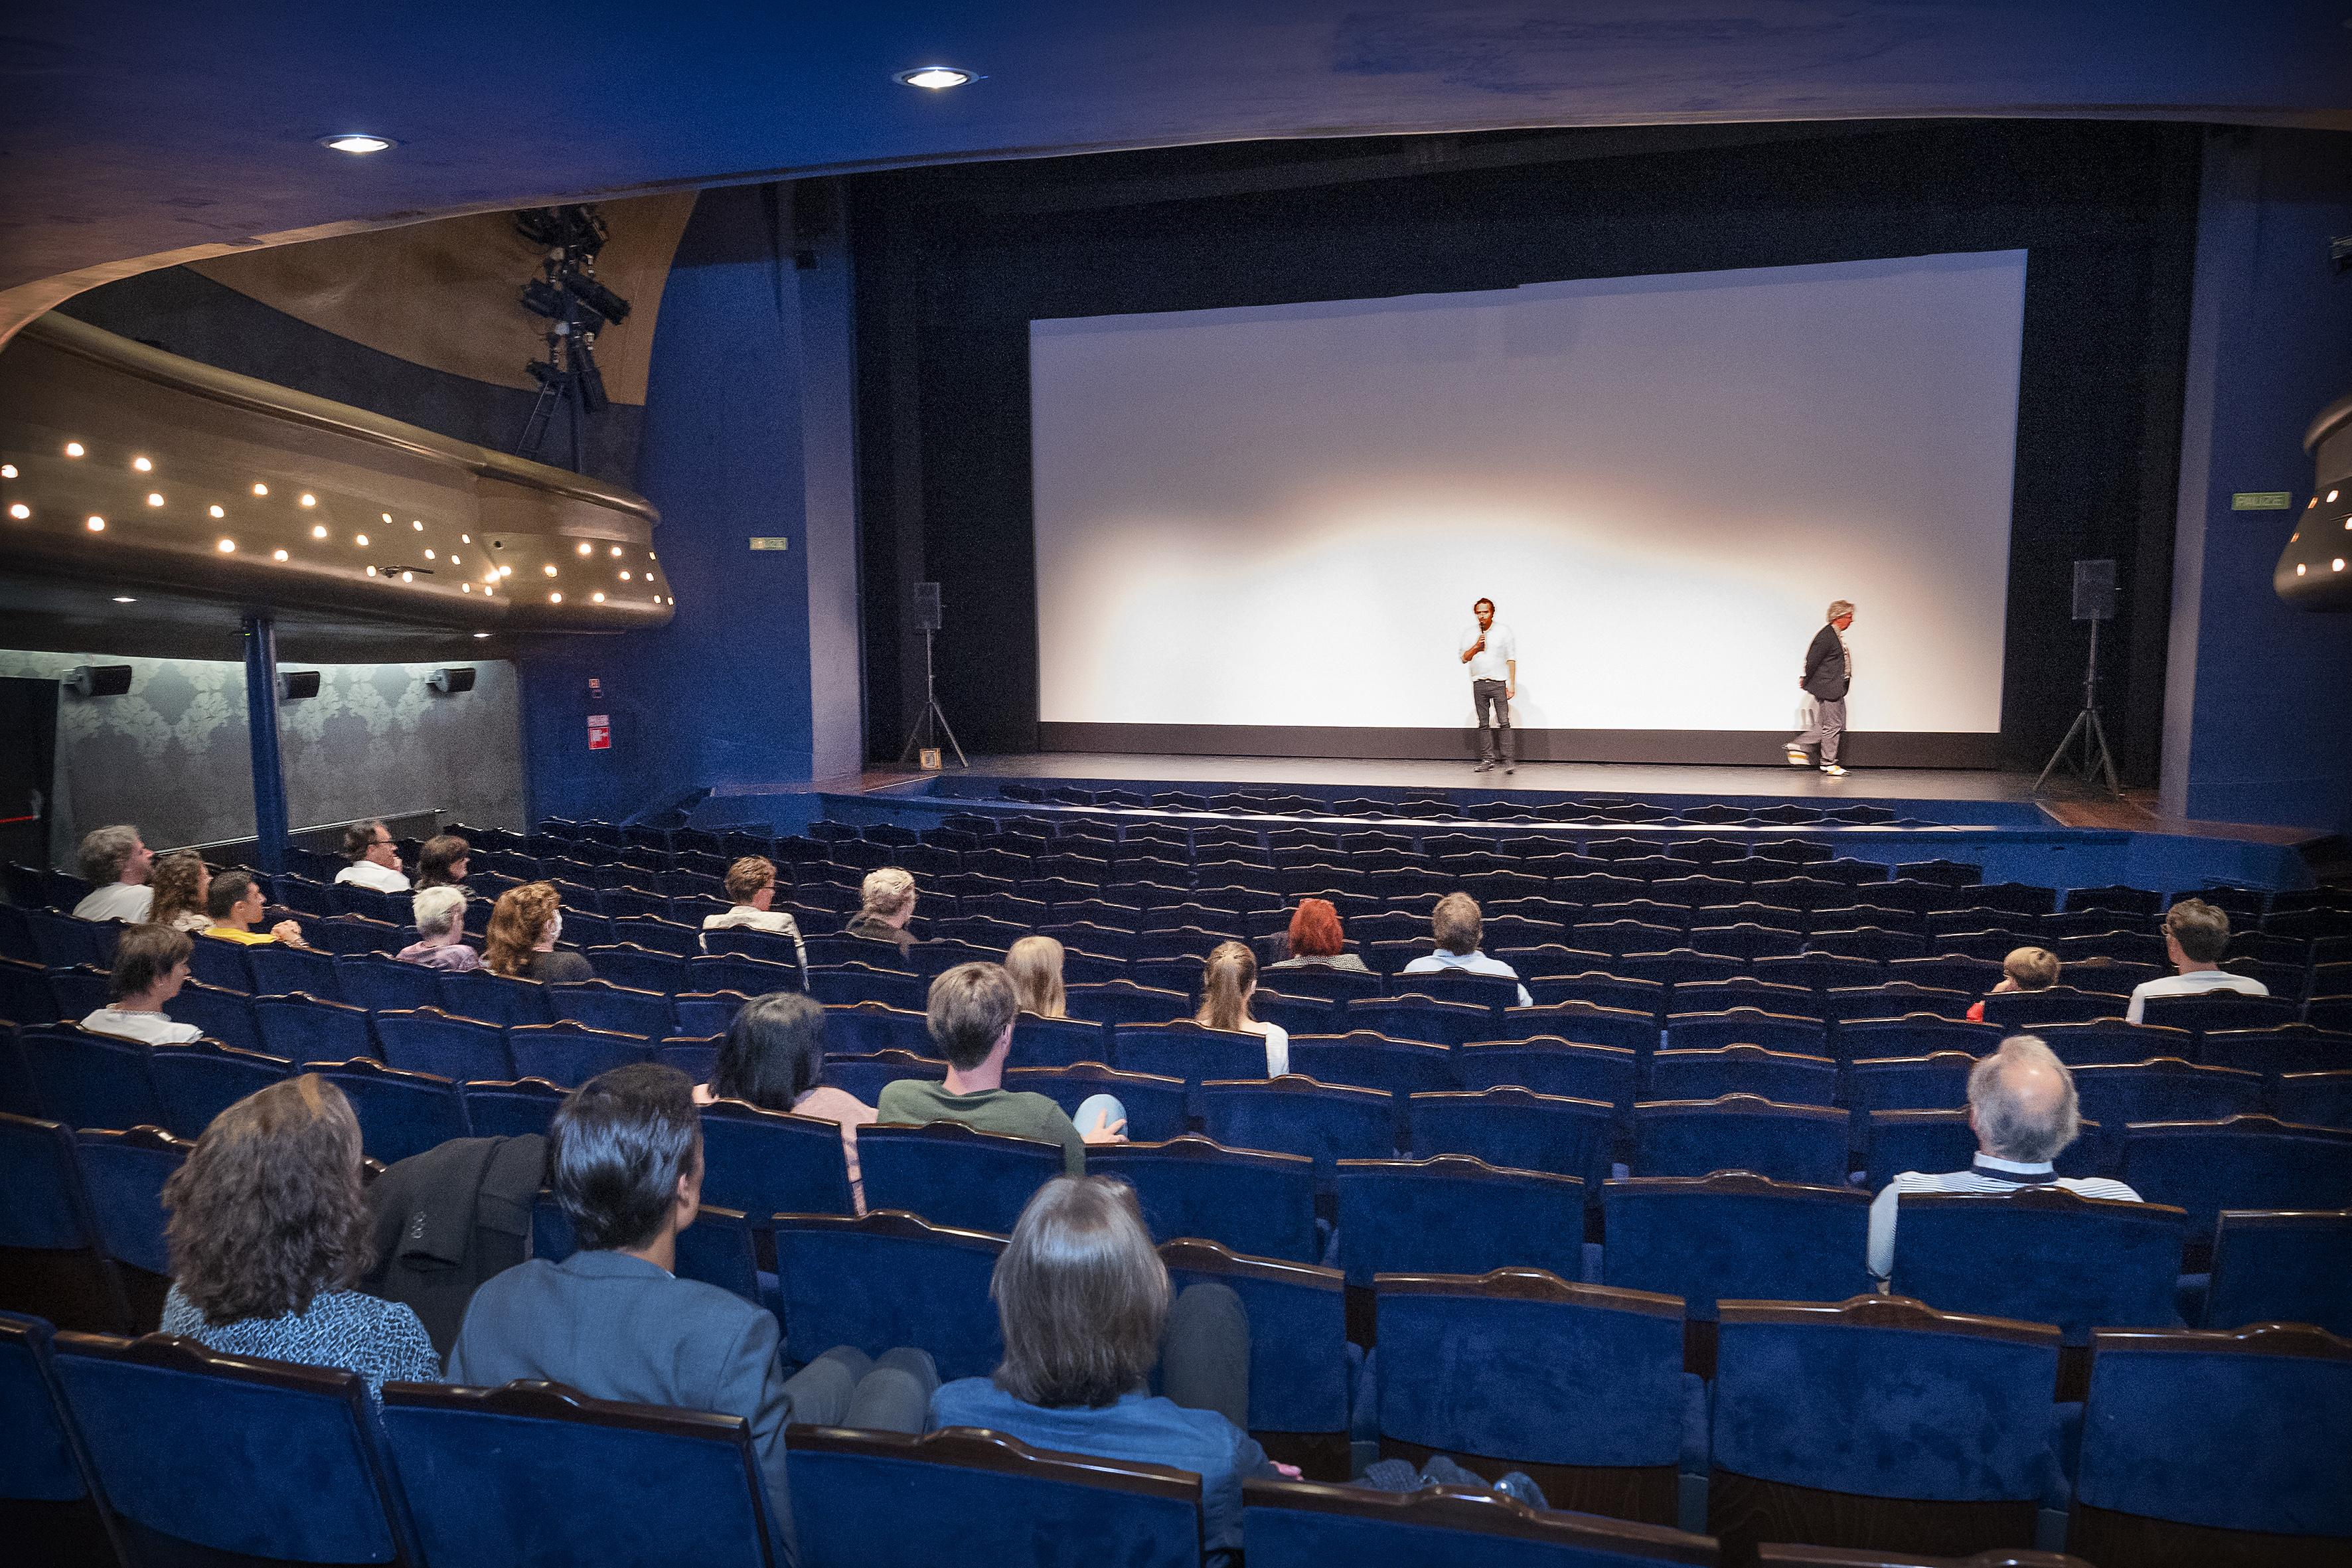 Speelfilm en theater in dezelfde zaal in Stadsschouwburg Velsen: 'Welk theater kan nou eerst de film draaien en dan de voorstelling spelen?